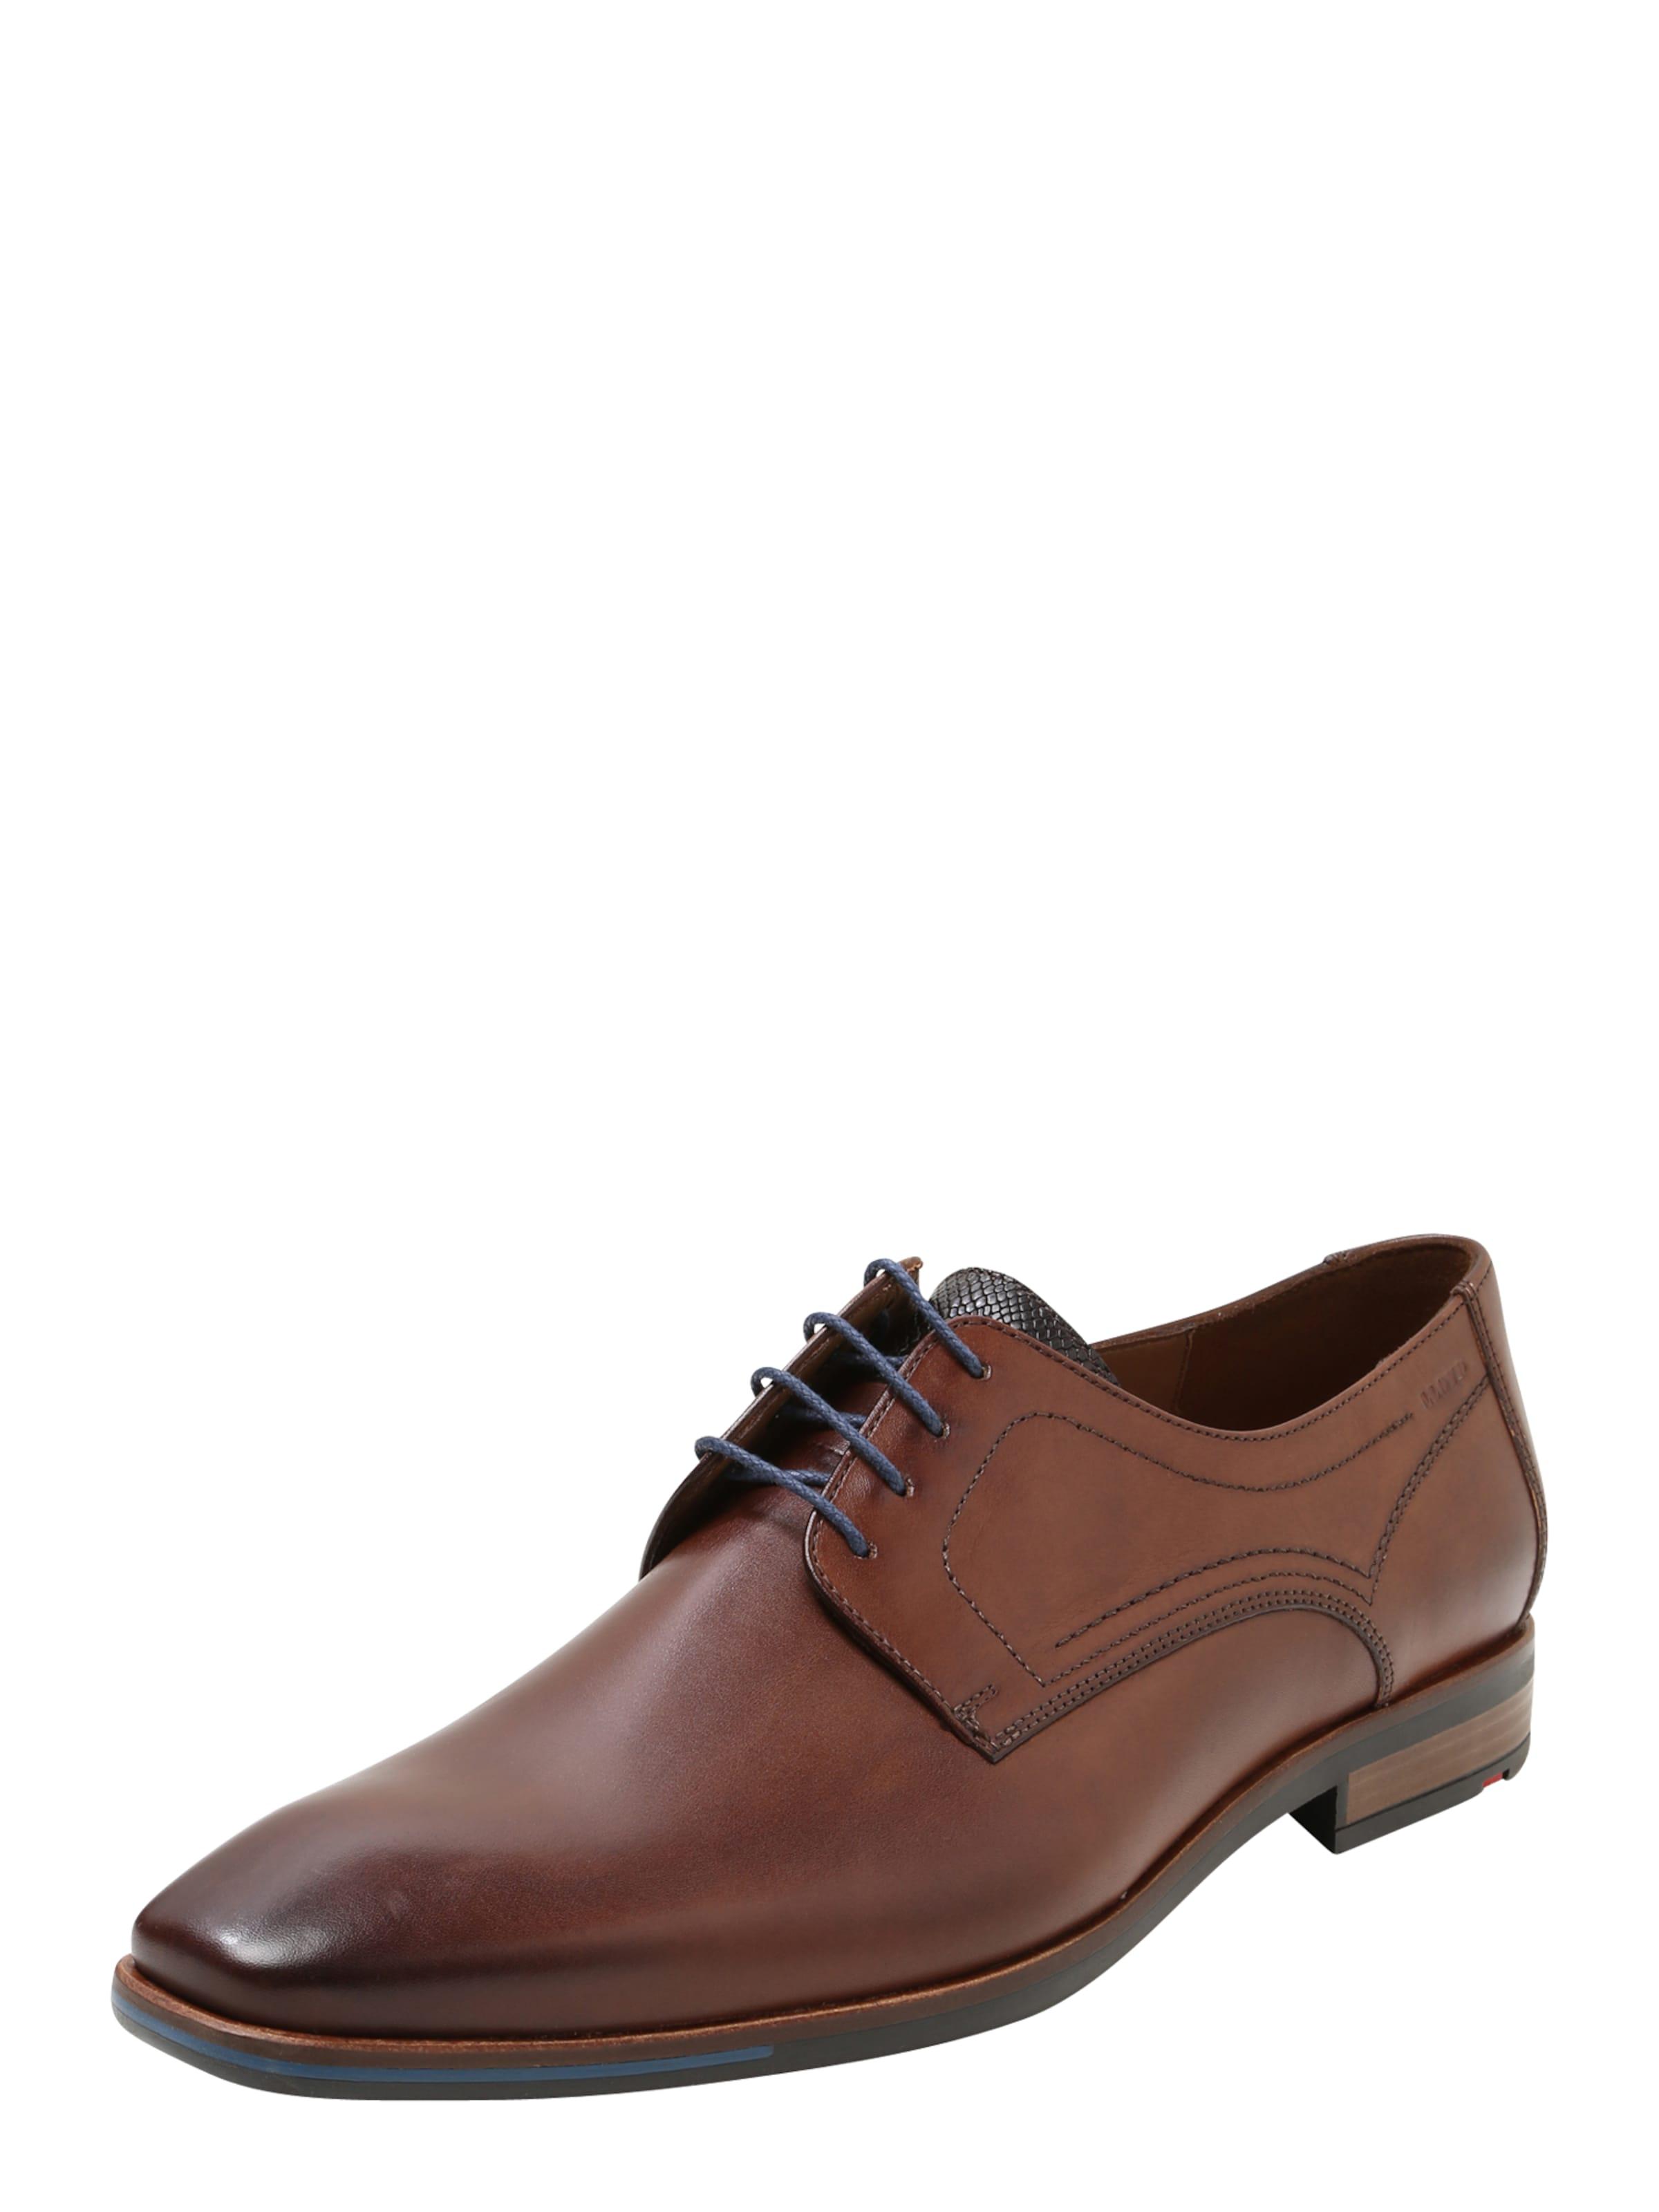 LLOYD Schnürschuhe DON Verschleißfeste billige Schuhe